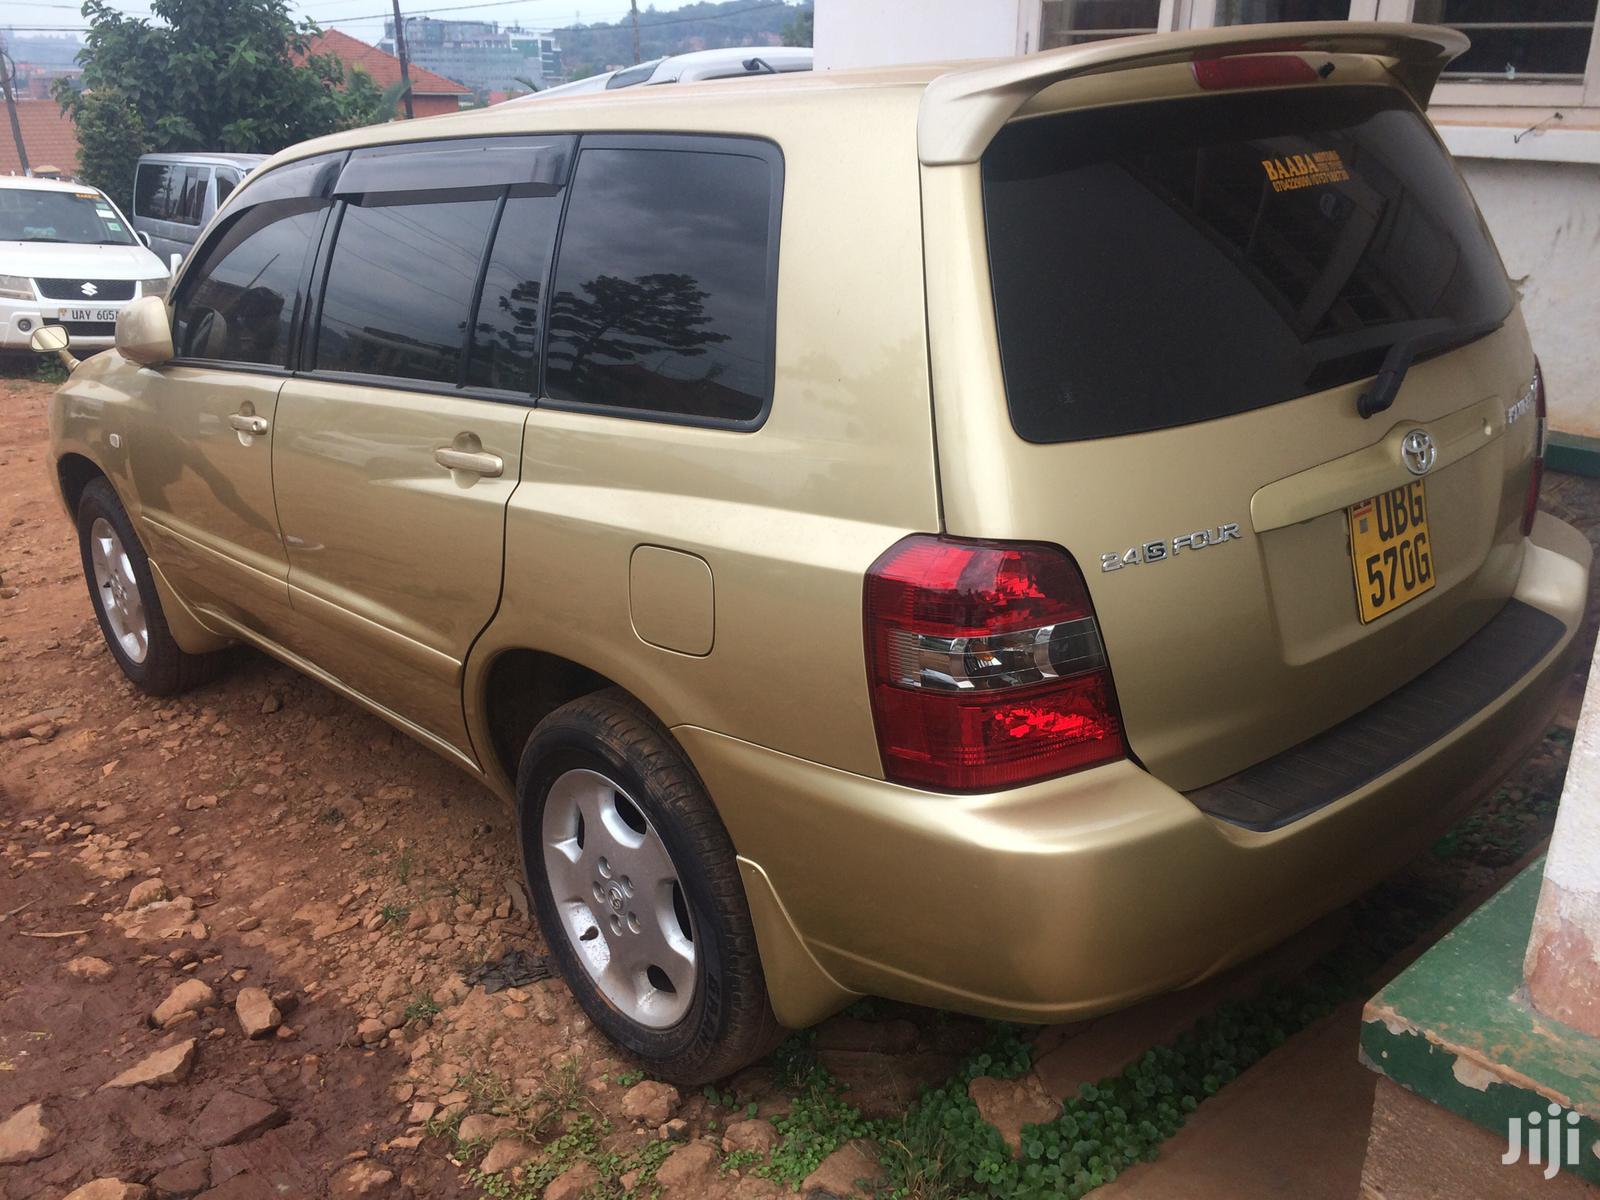 Toyota Kluger 2004 Gold | Cars for sale in Kampala, Central Region, Uganda